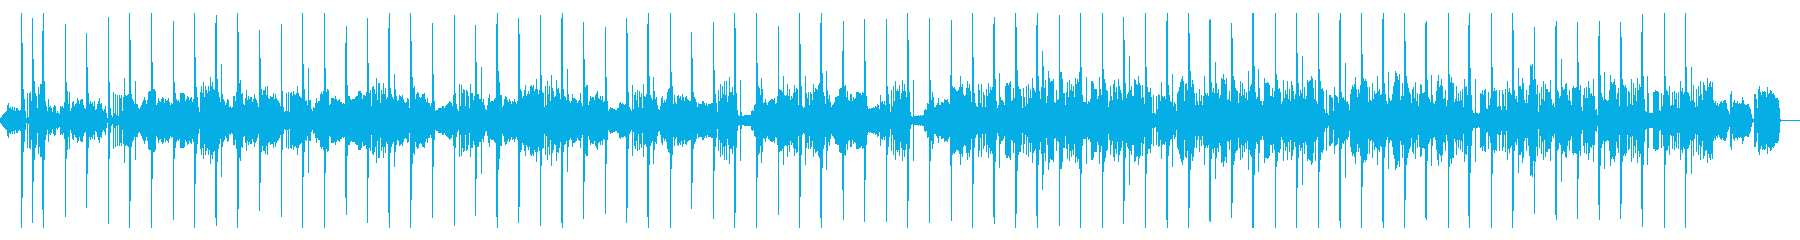 雅楽の名曲「越天楽」の再生済みの波形